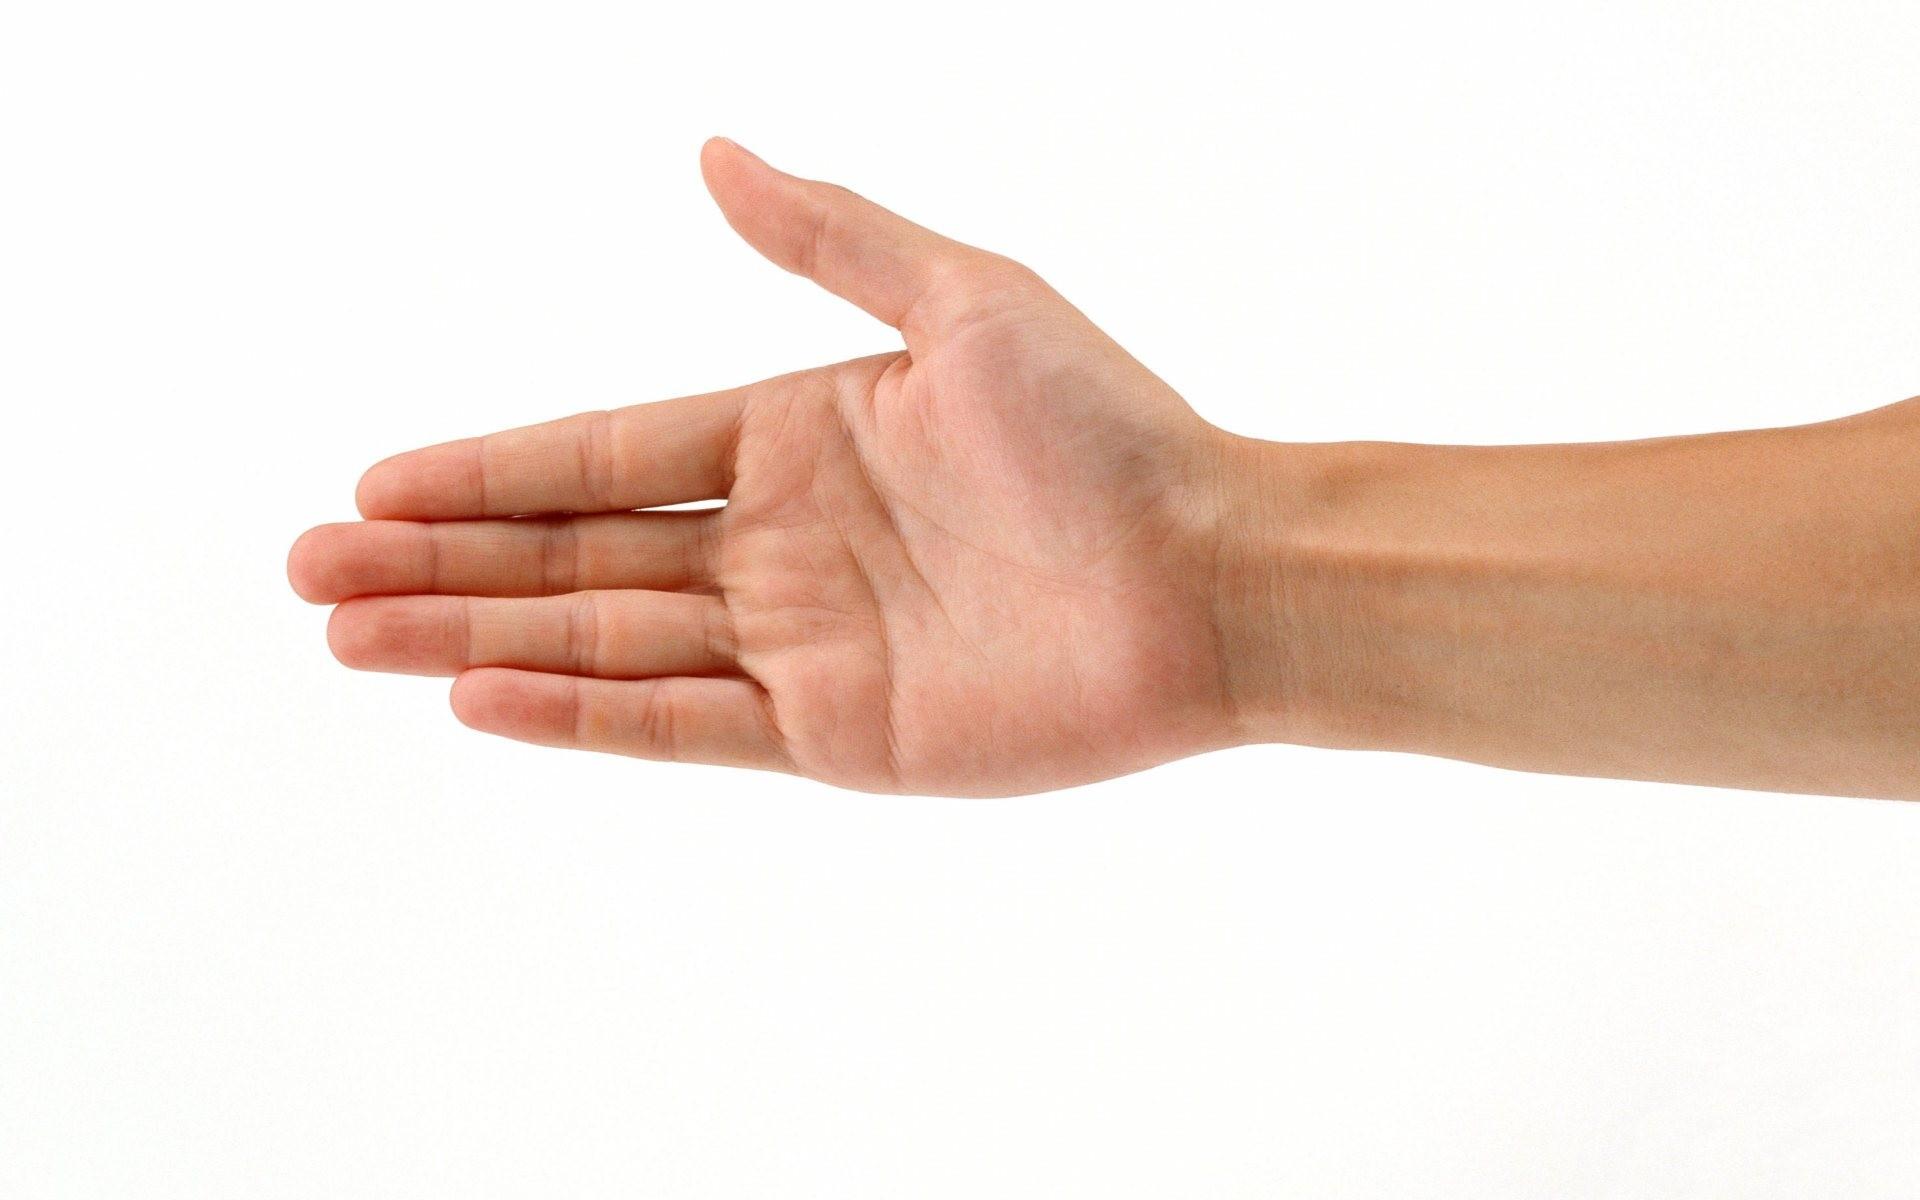 Uwolnienie nerwów obwodowych ręki